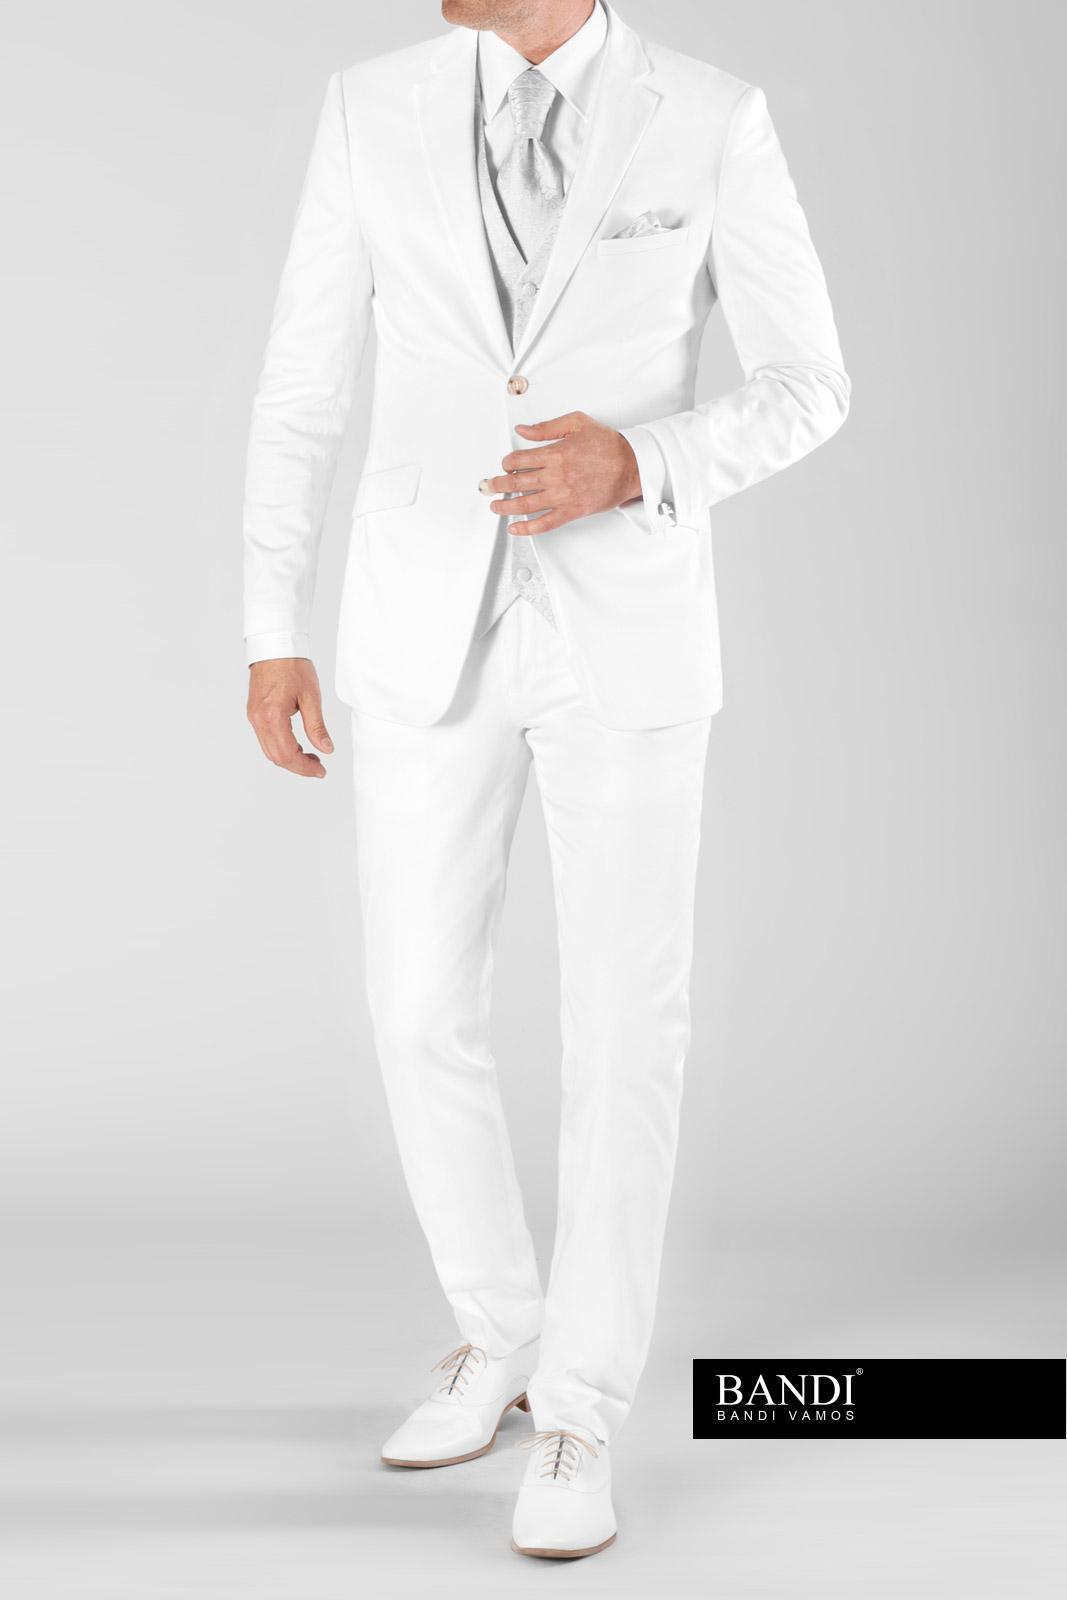 Bílý oblek pro ženicha